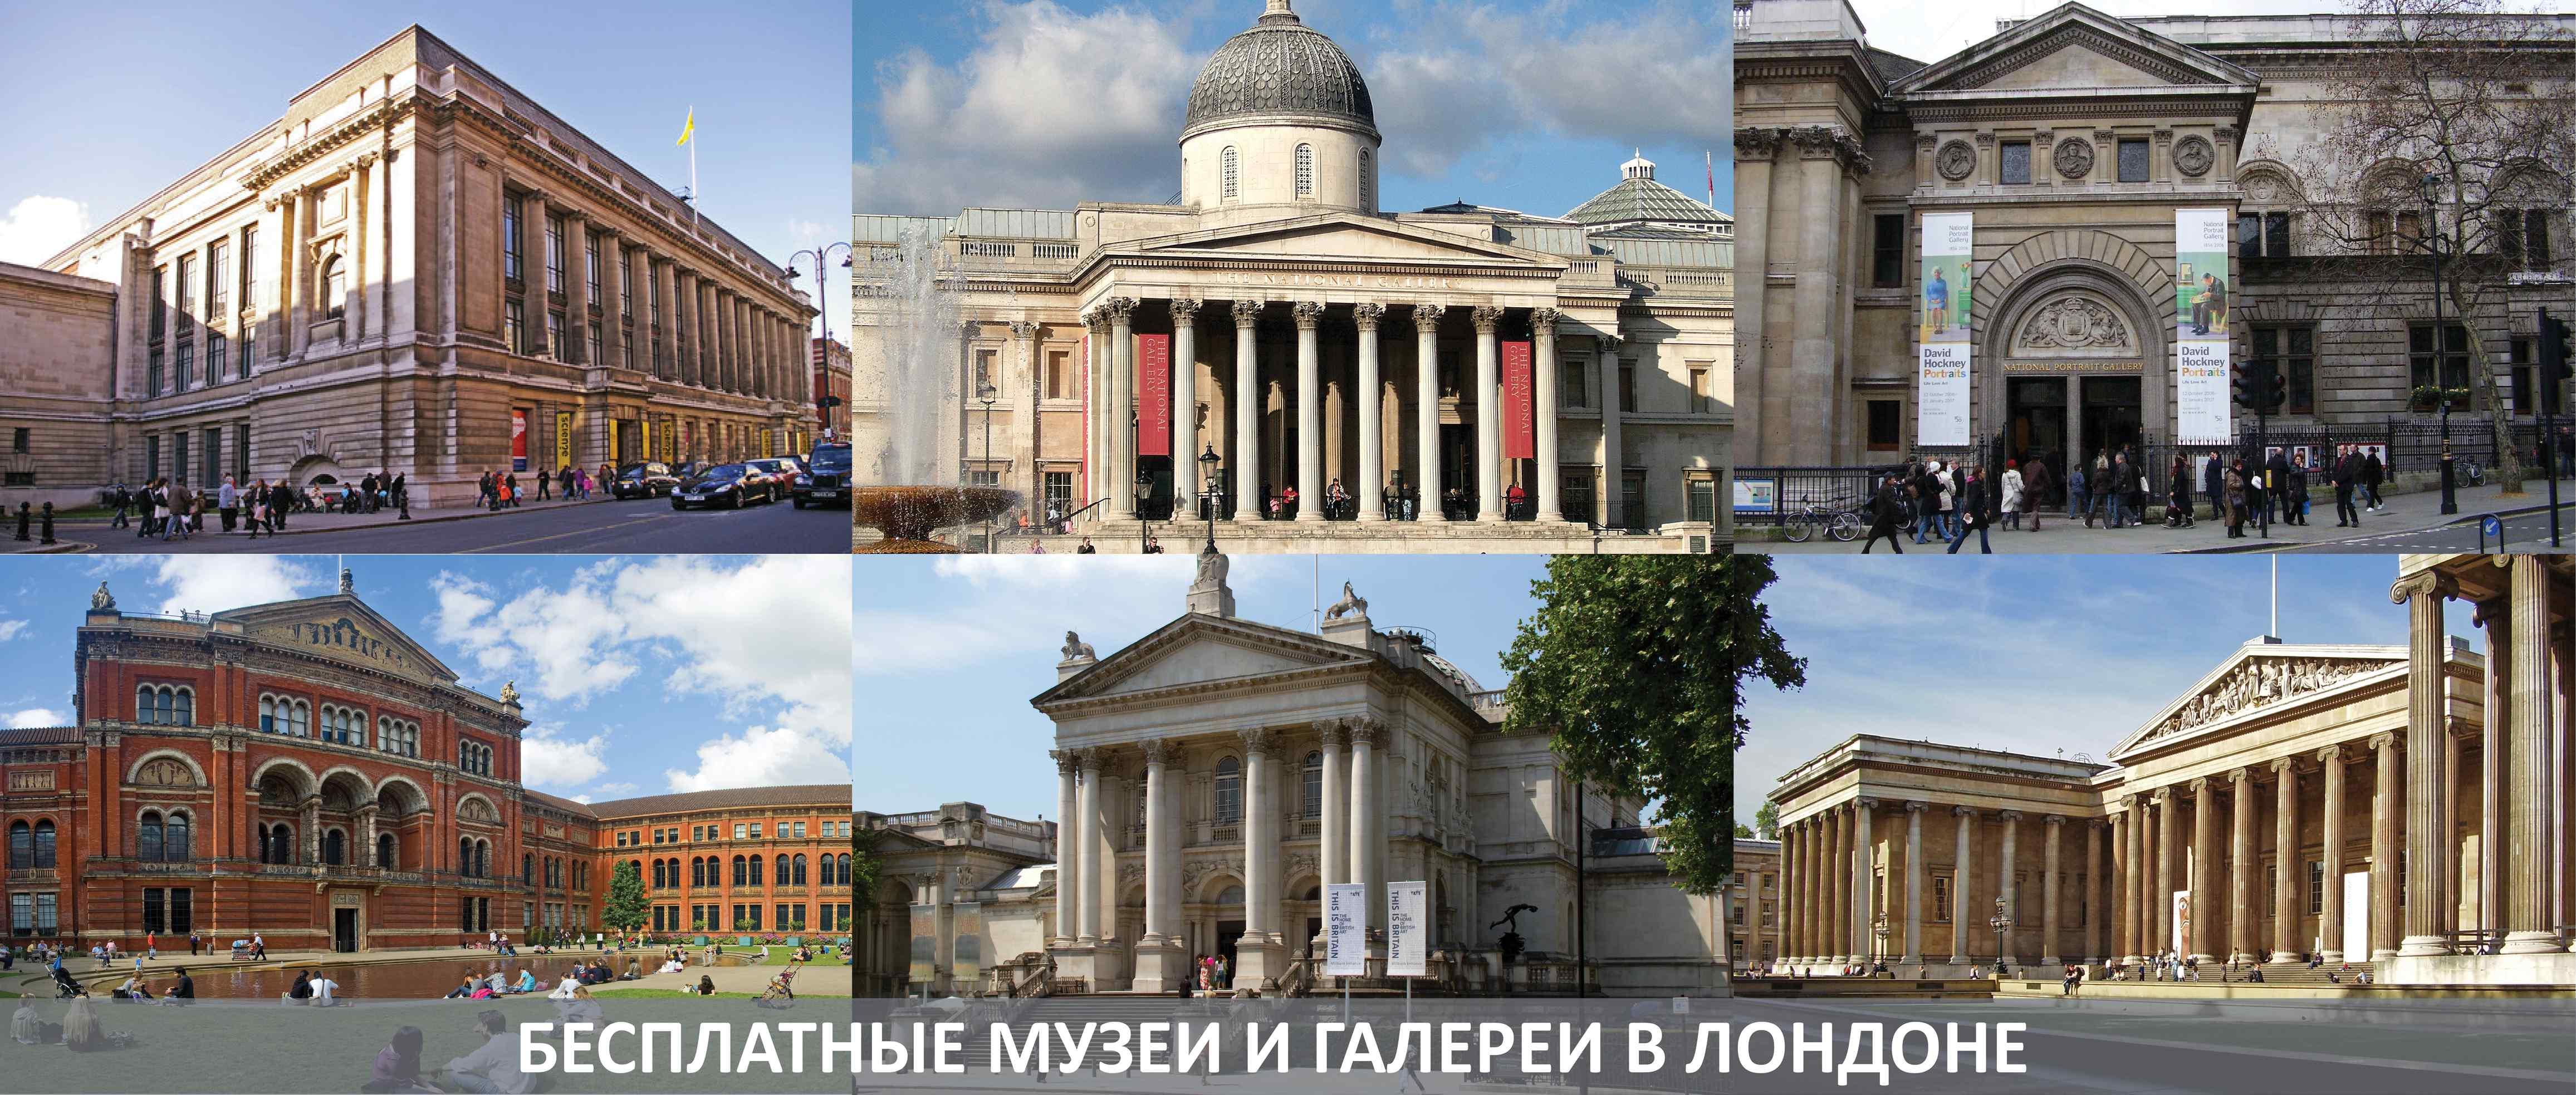 Достопримечательности Лондона : Бесплатные музеи Лондона